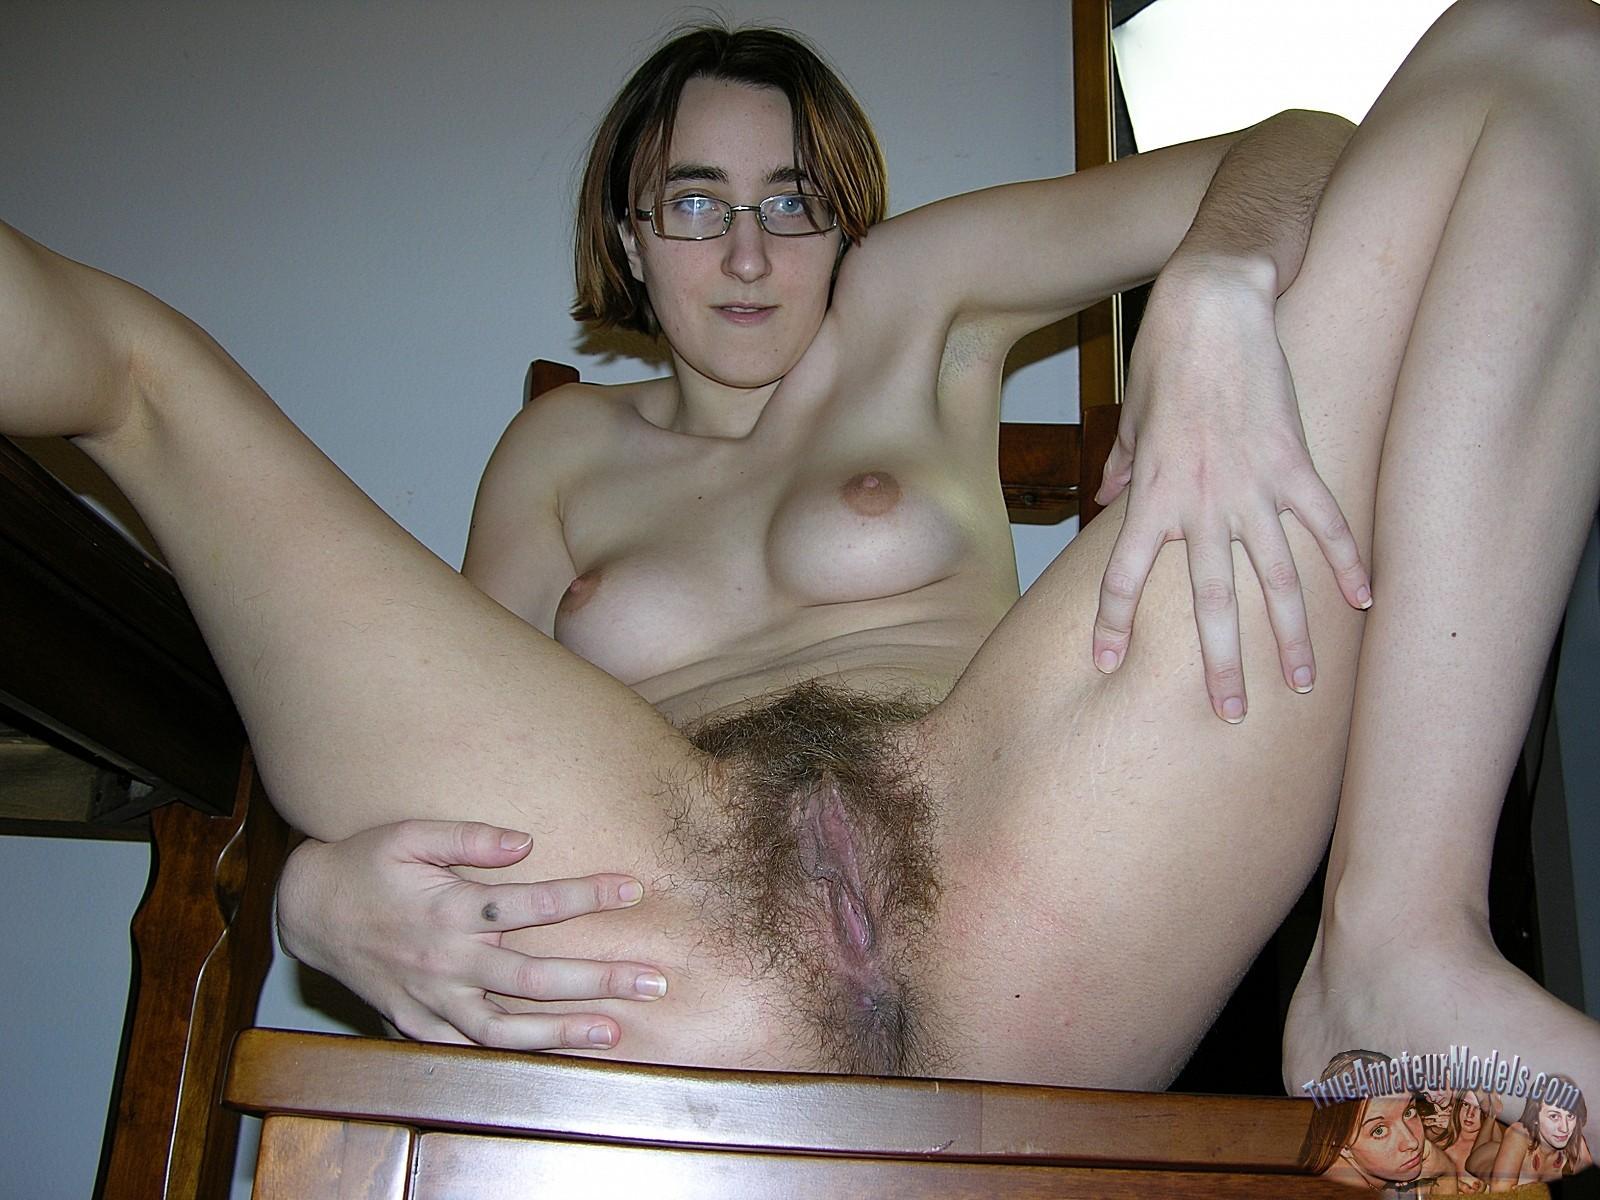 Amateur hairy girls butthole